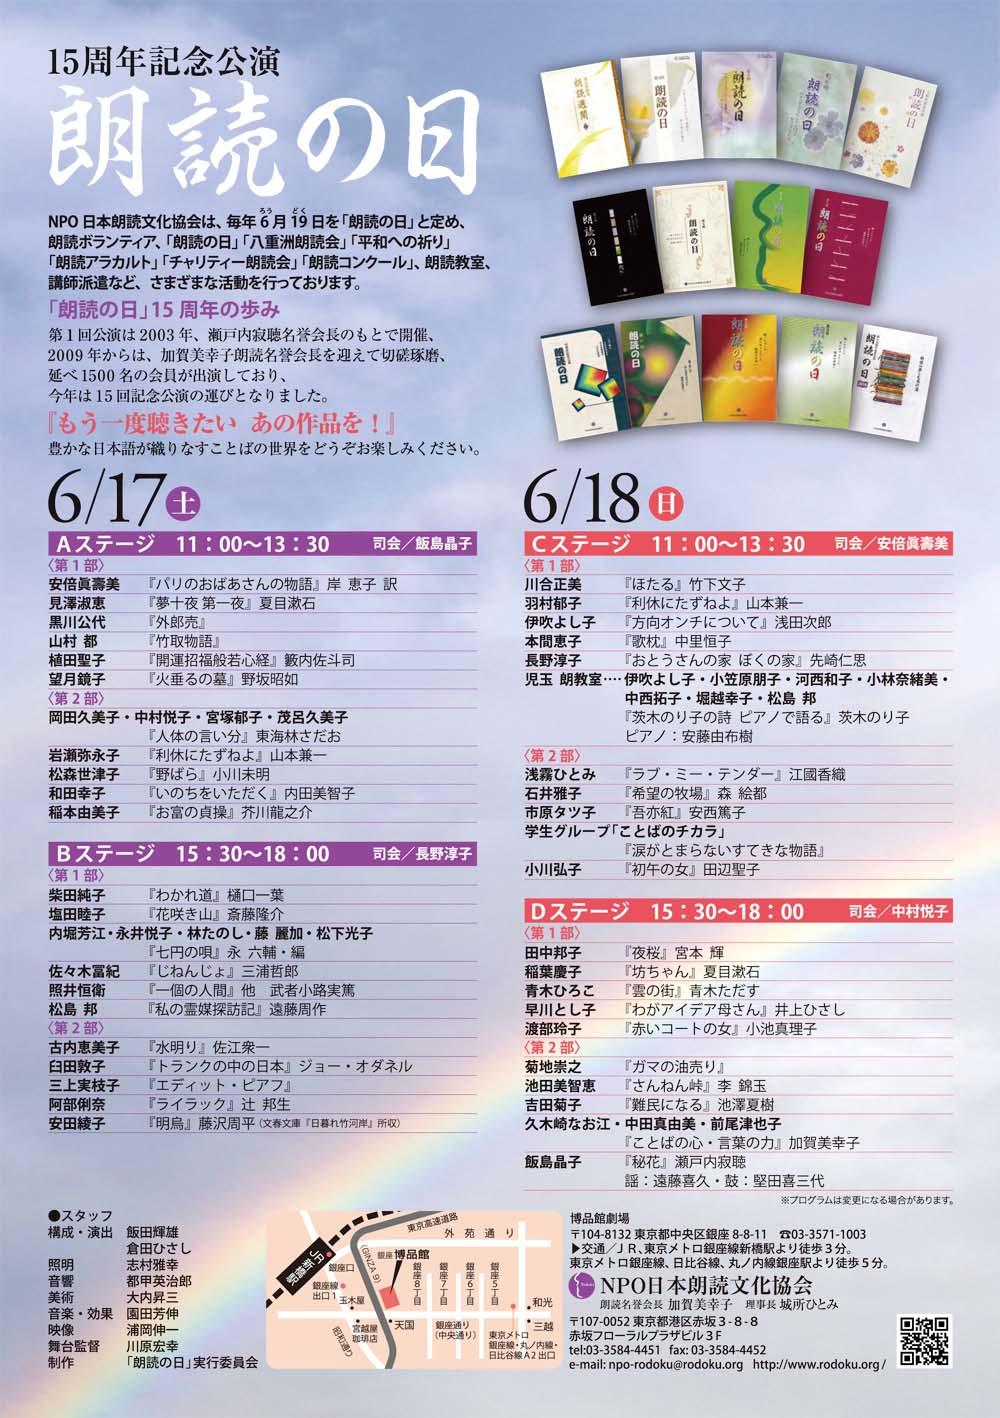 15周年記念公演「朗読の日」 ご案内